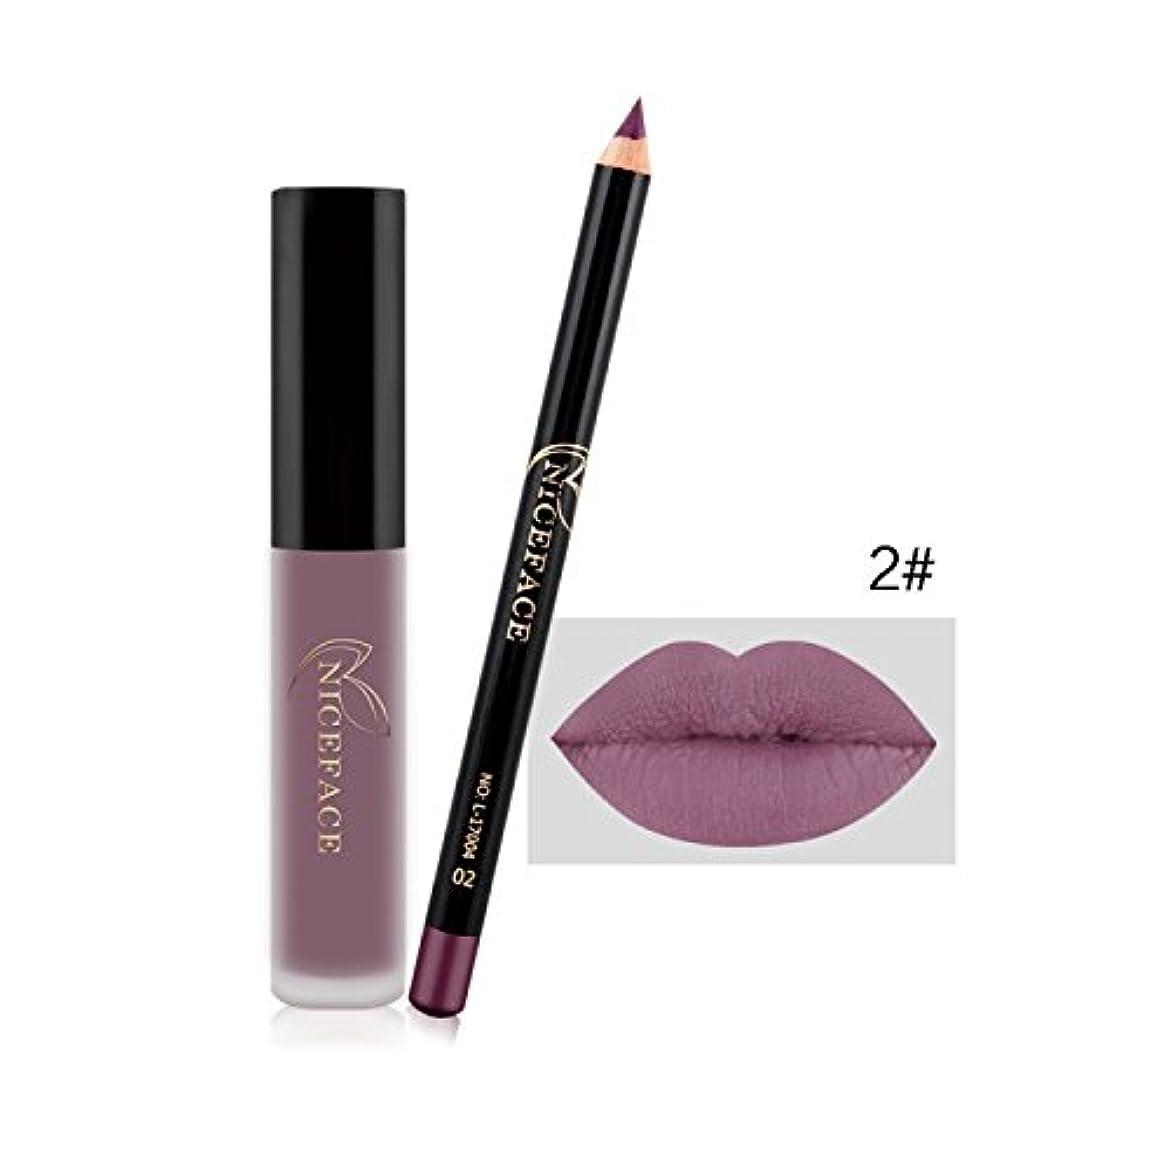 優雅グッゲンハイム美術館つぶやき(2#) Makeup Set Lip Gloss + Lip Liner Set Lip Set Matte Lipstick Long Lasting Waterproof Solid Lip Pencil Liner...